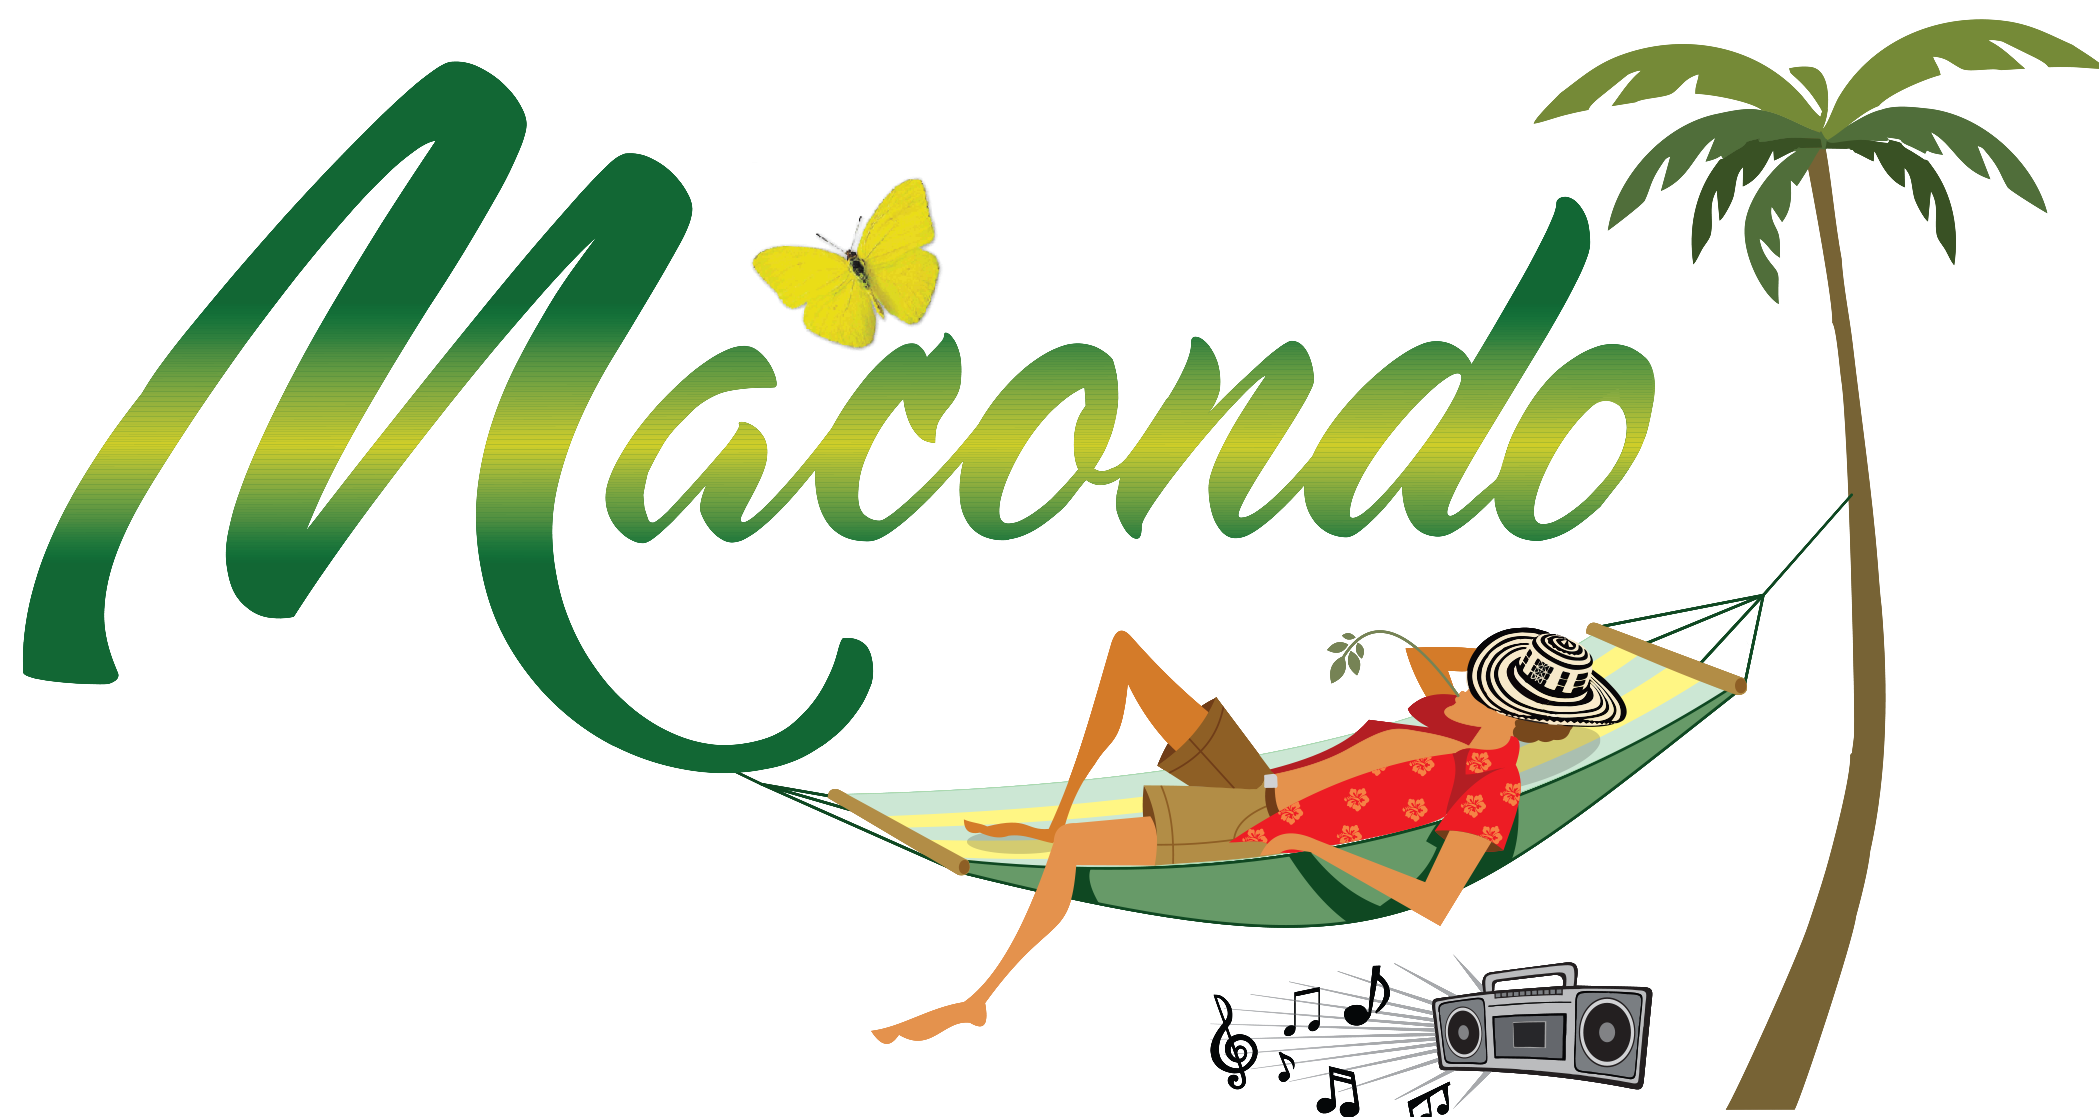 macondo-RECT.png